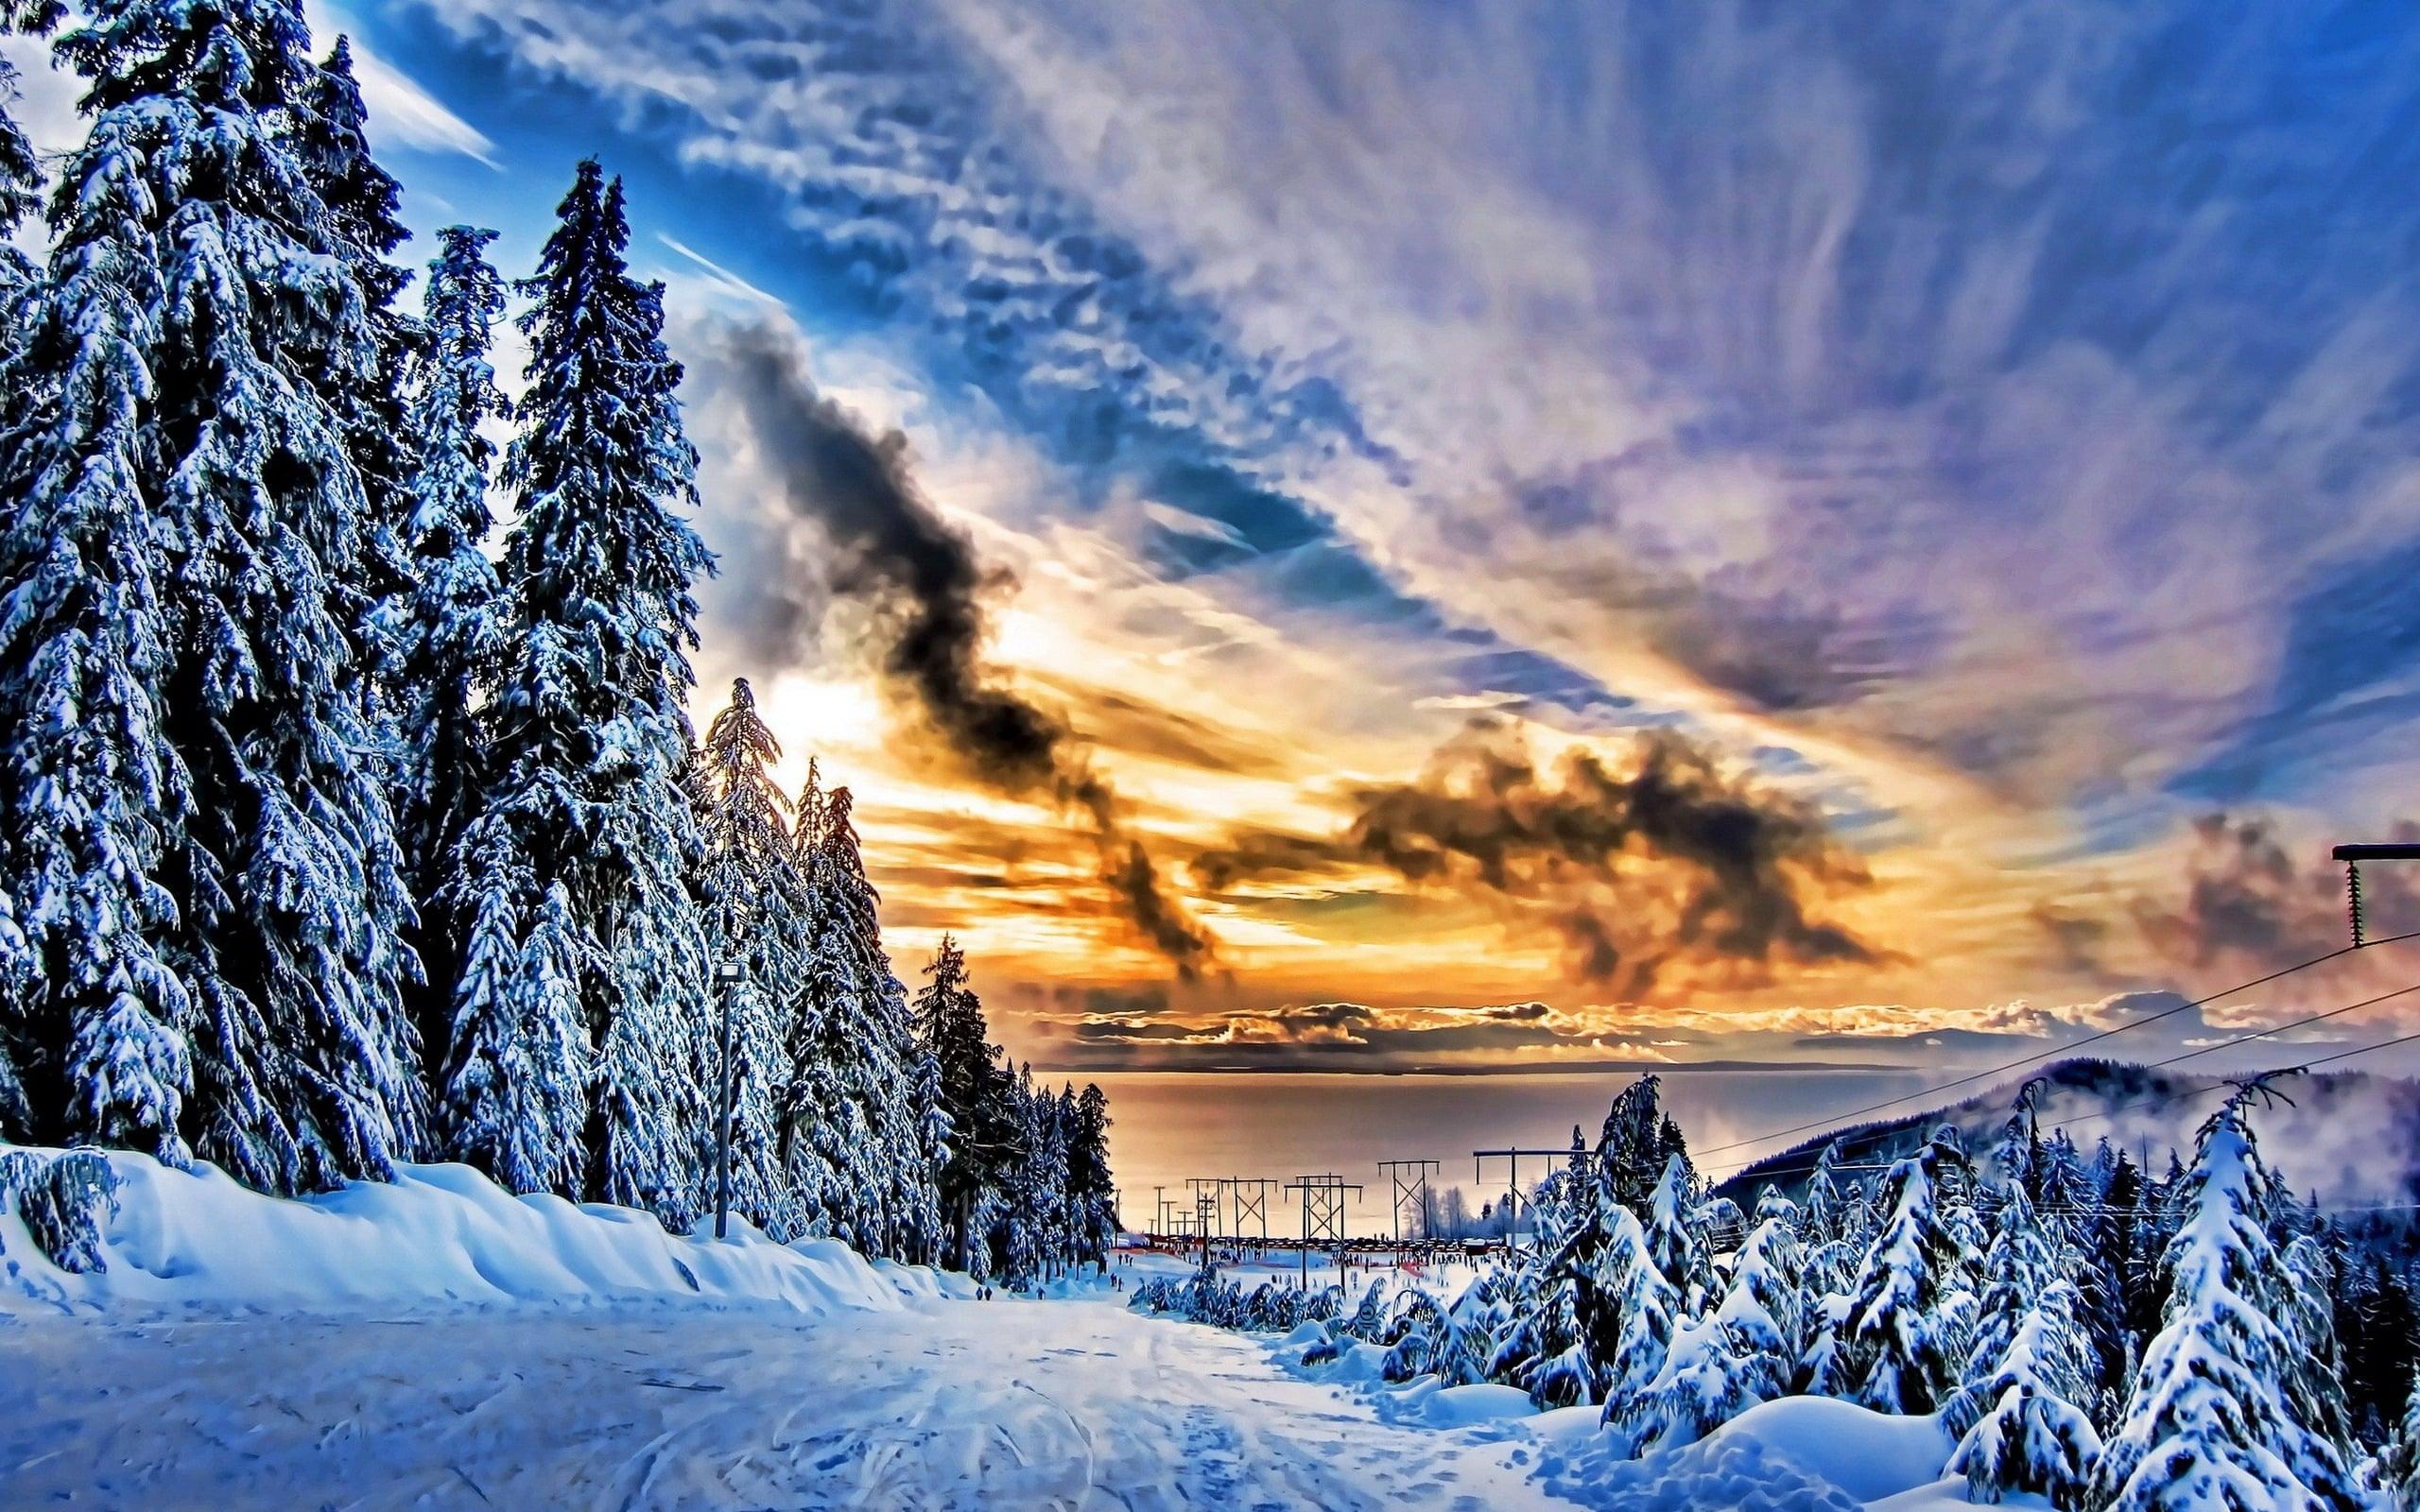 Зимний пейзаж картинки на экран телефона